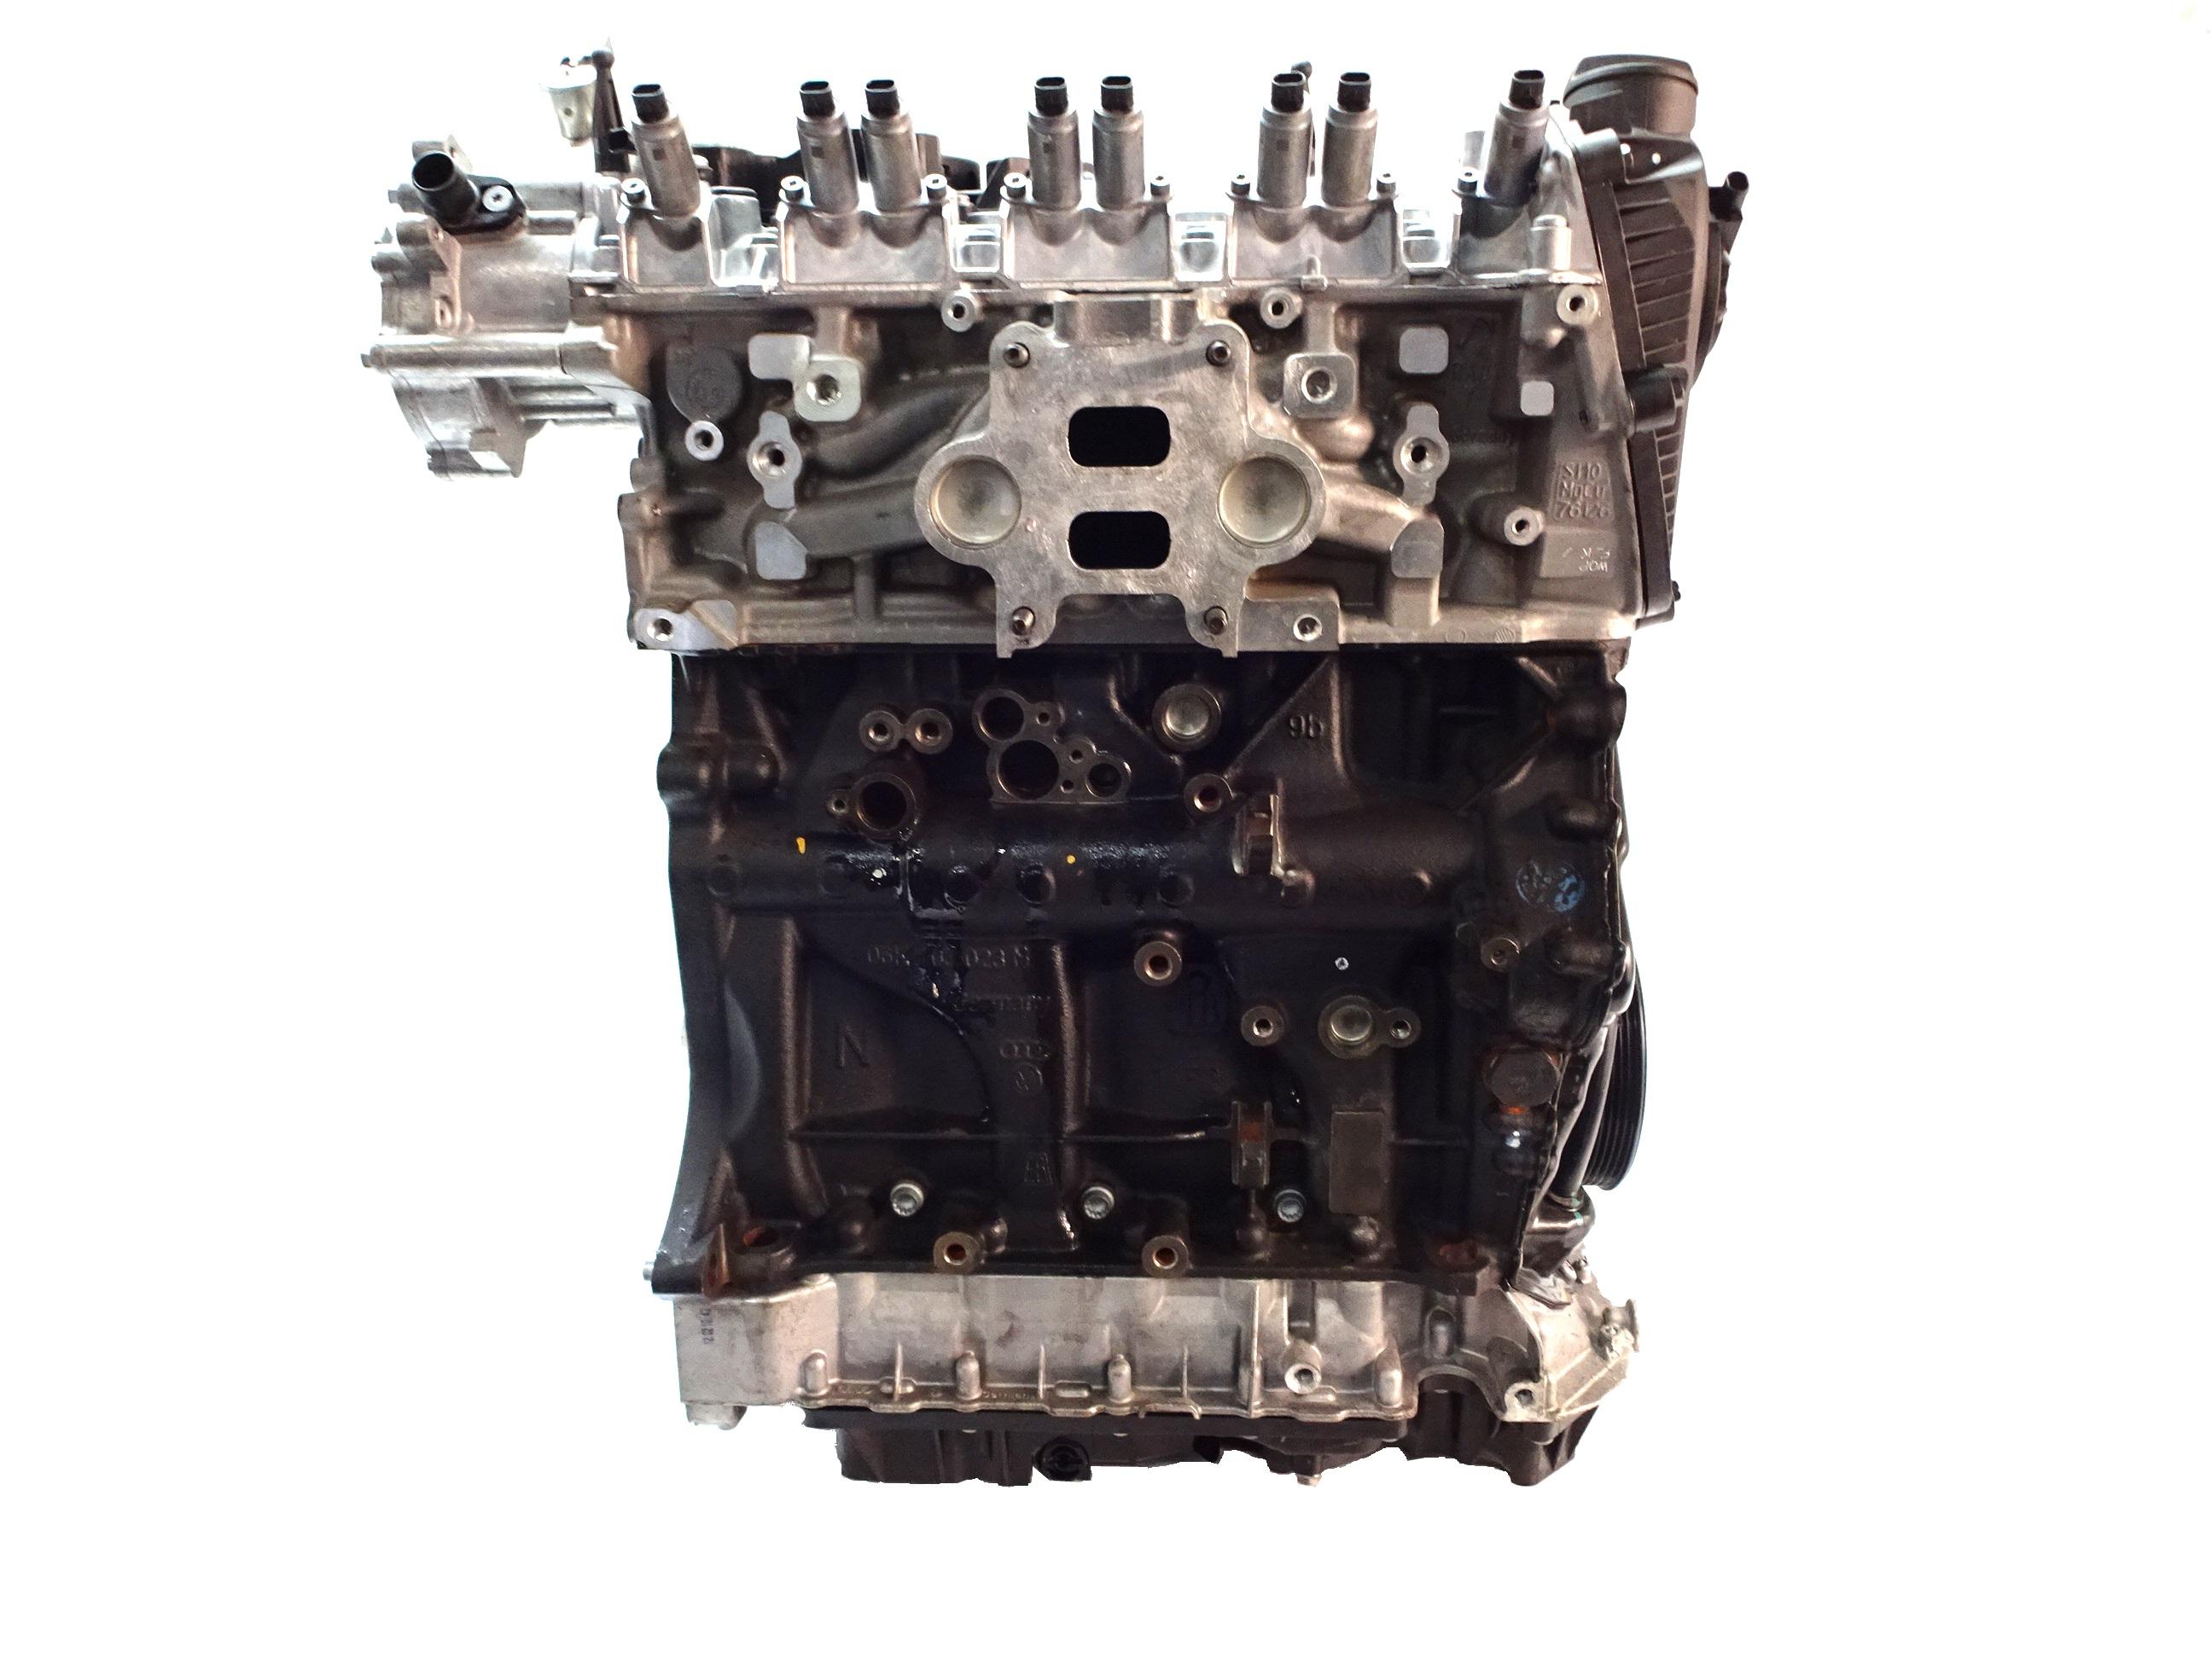 Motor Überholung Instandsetzung Reparatur Audi VW A3 Golf 1,8 TSI TFSI CJS